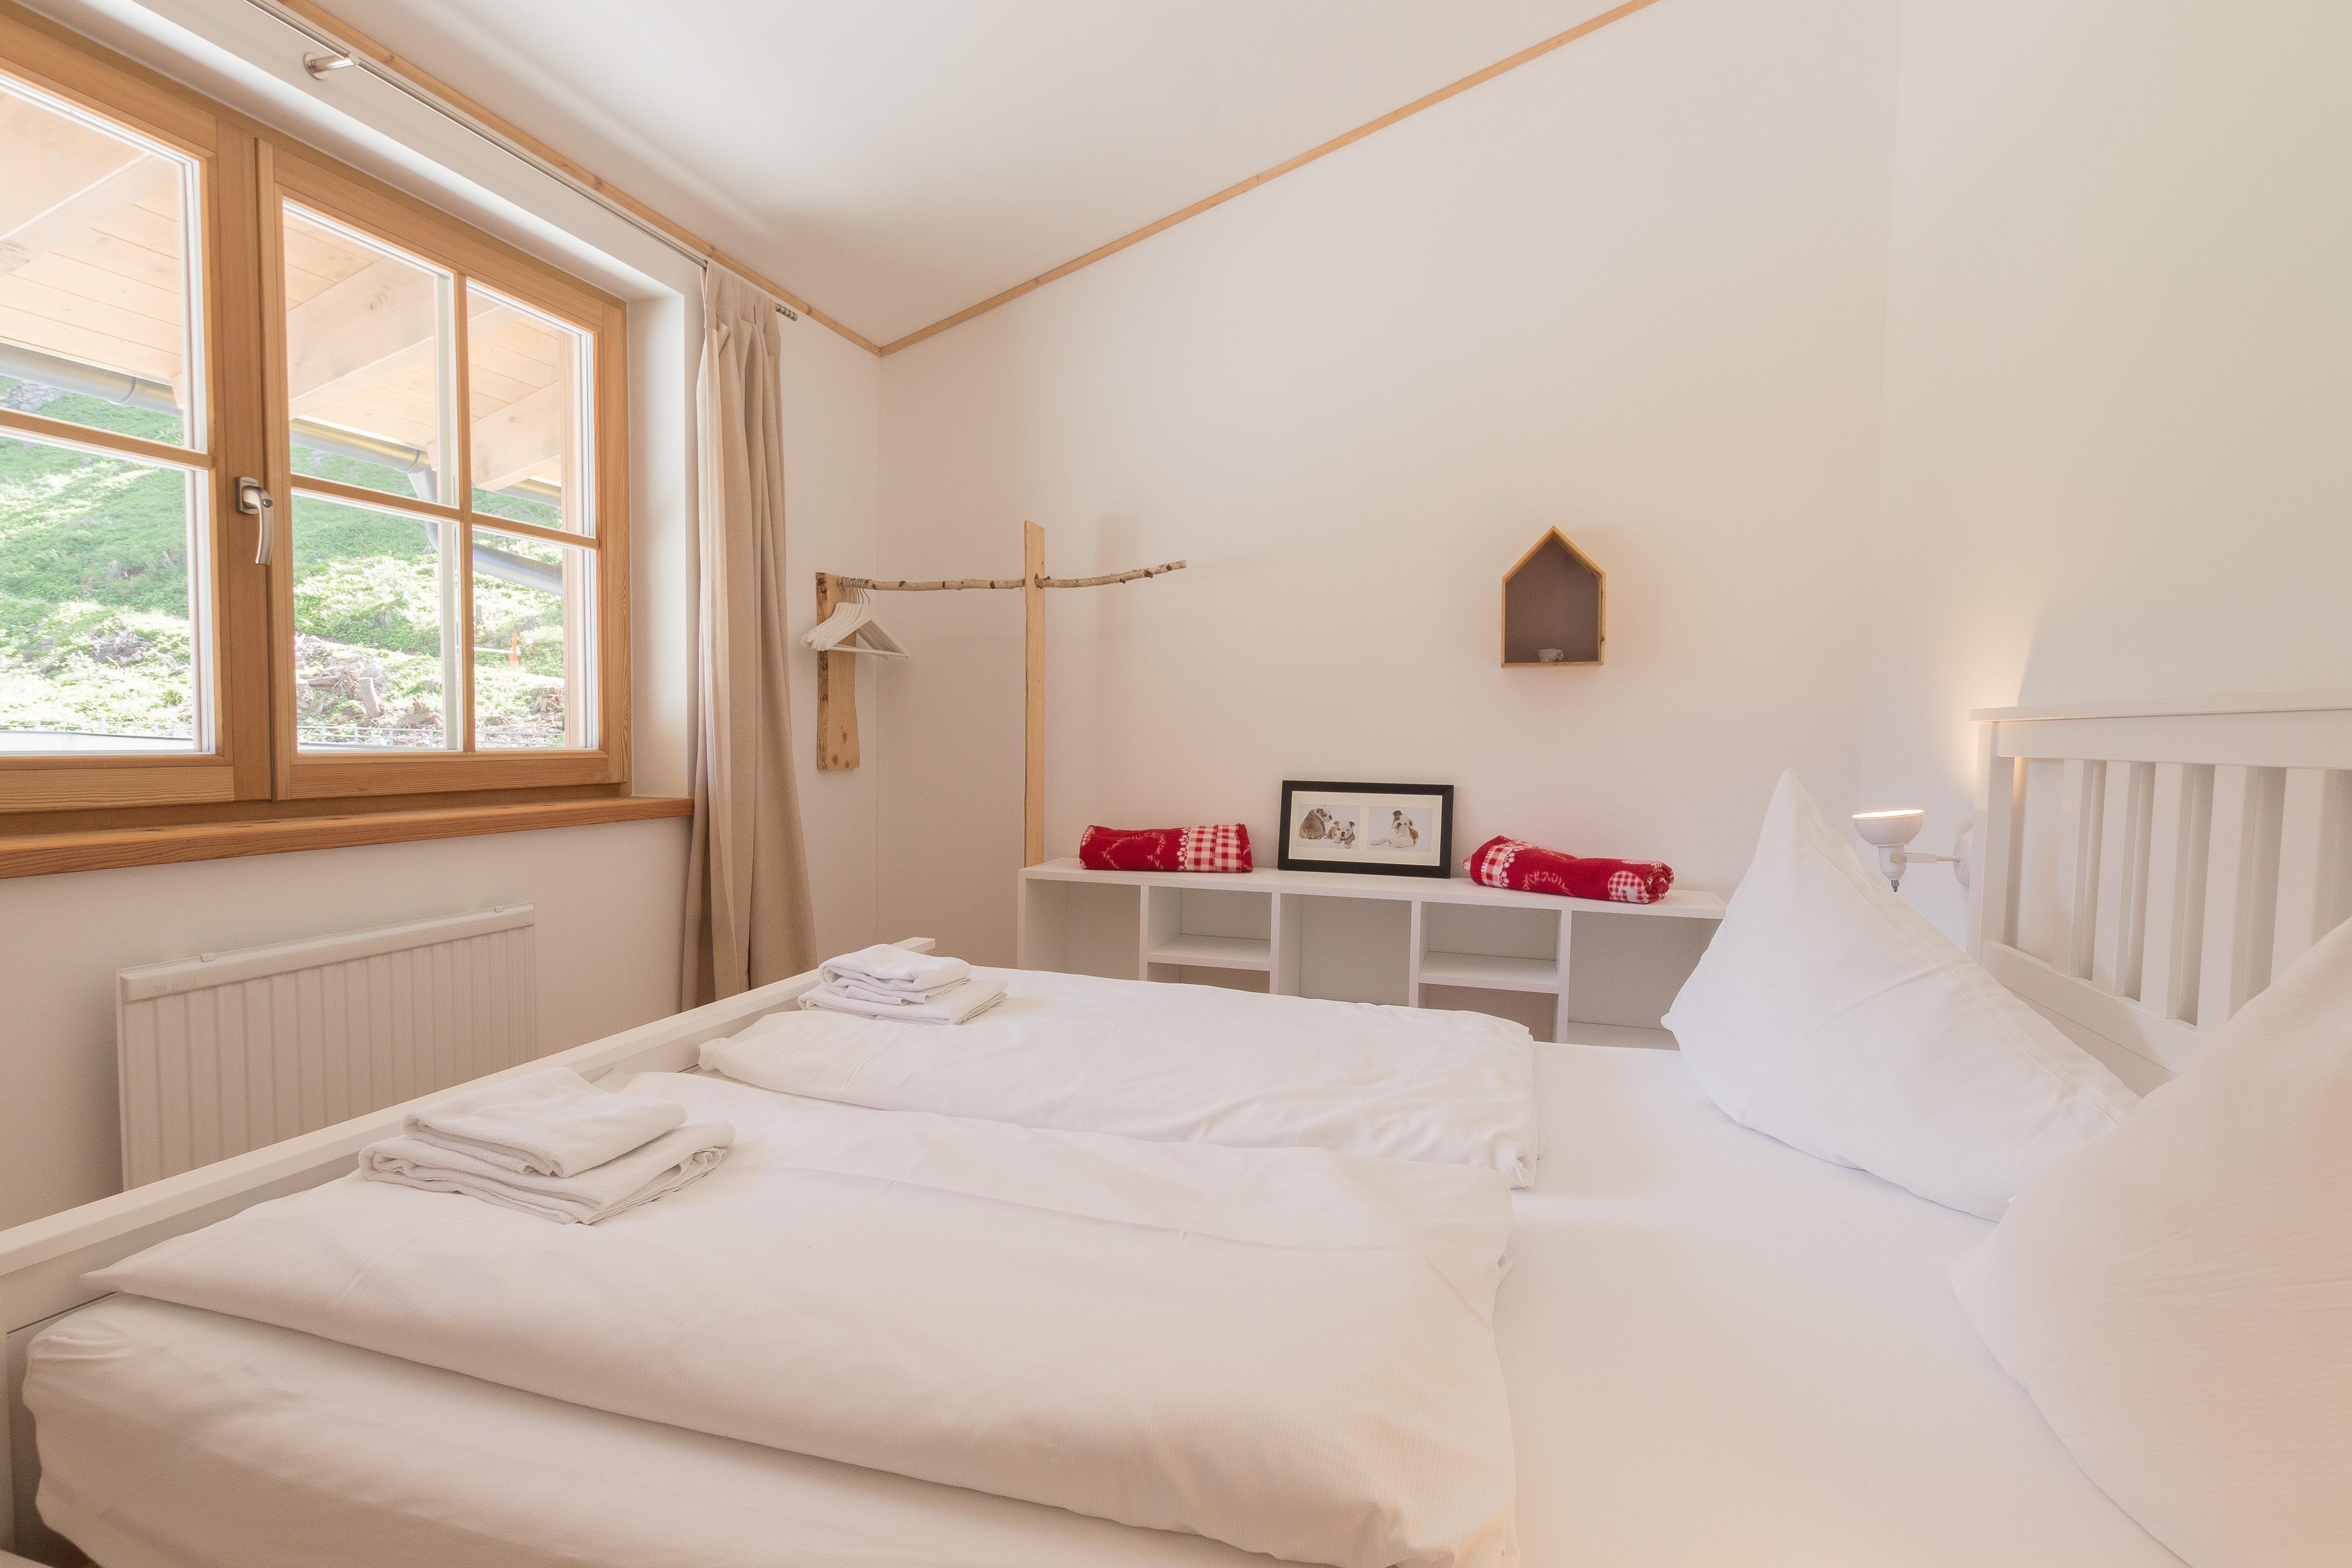 Maison de vacances Lodge Enzian direkt am Skilift (2050396), Uttendorf, Pinzgau, Salzbourg, Autriche, image 25